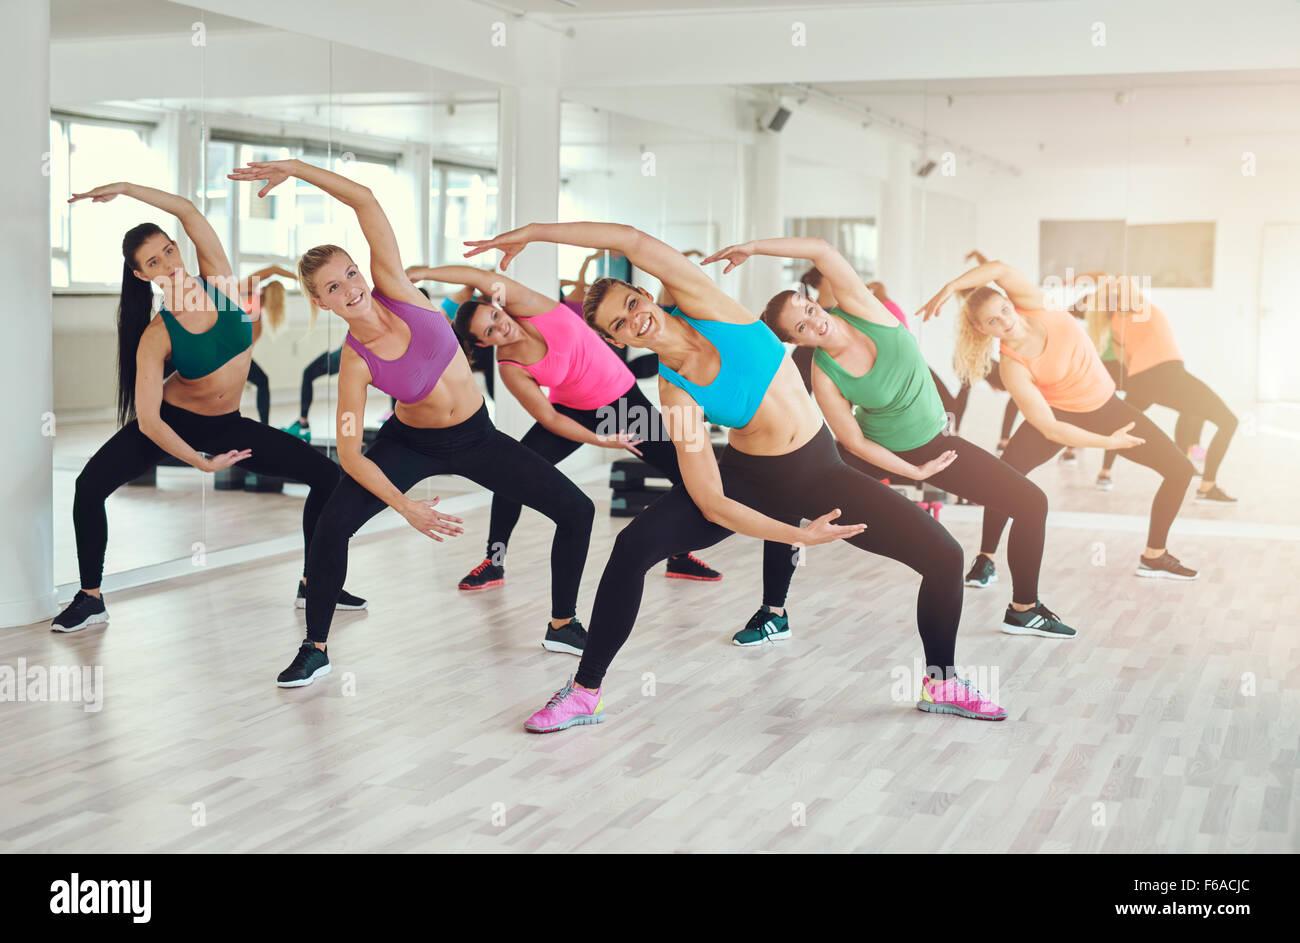 Cours d'aérobic dans une salle de sport avec un groupe de jeunes femmes dans l'élaboration dans Photo Stock